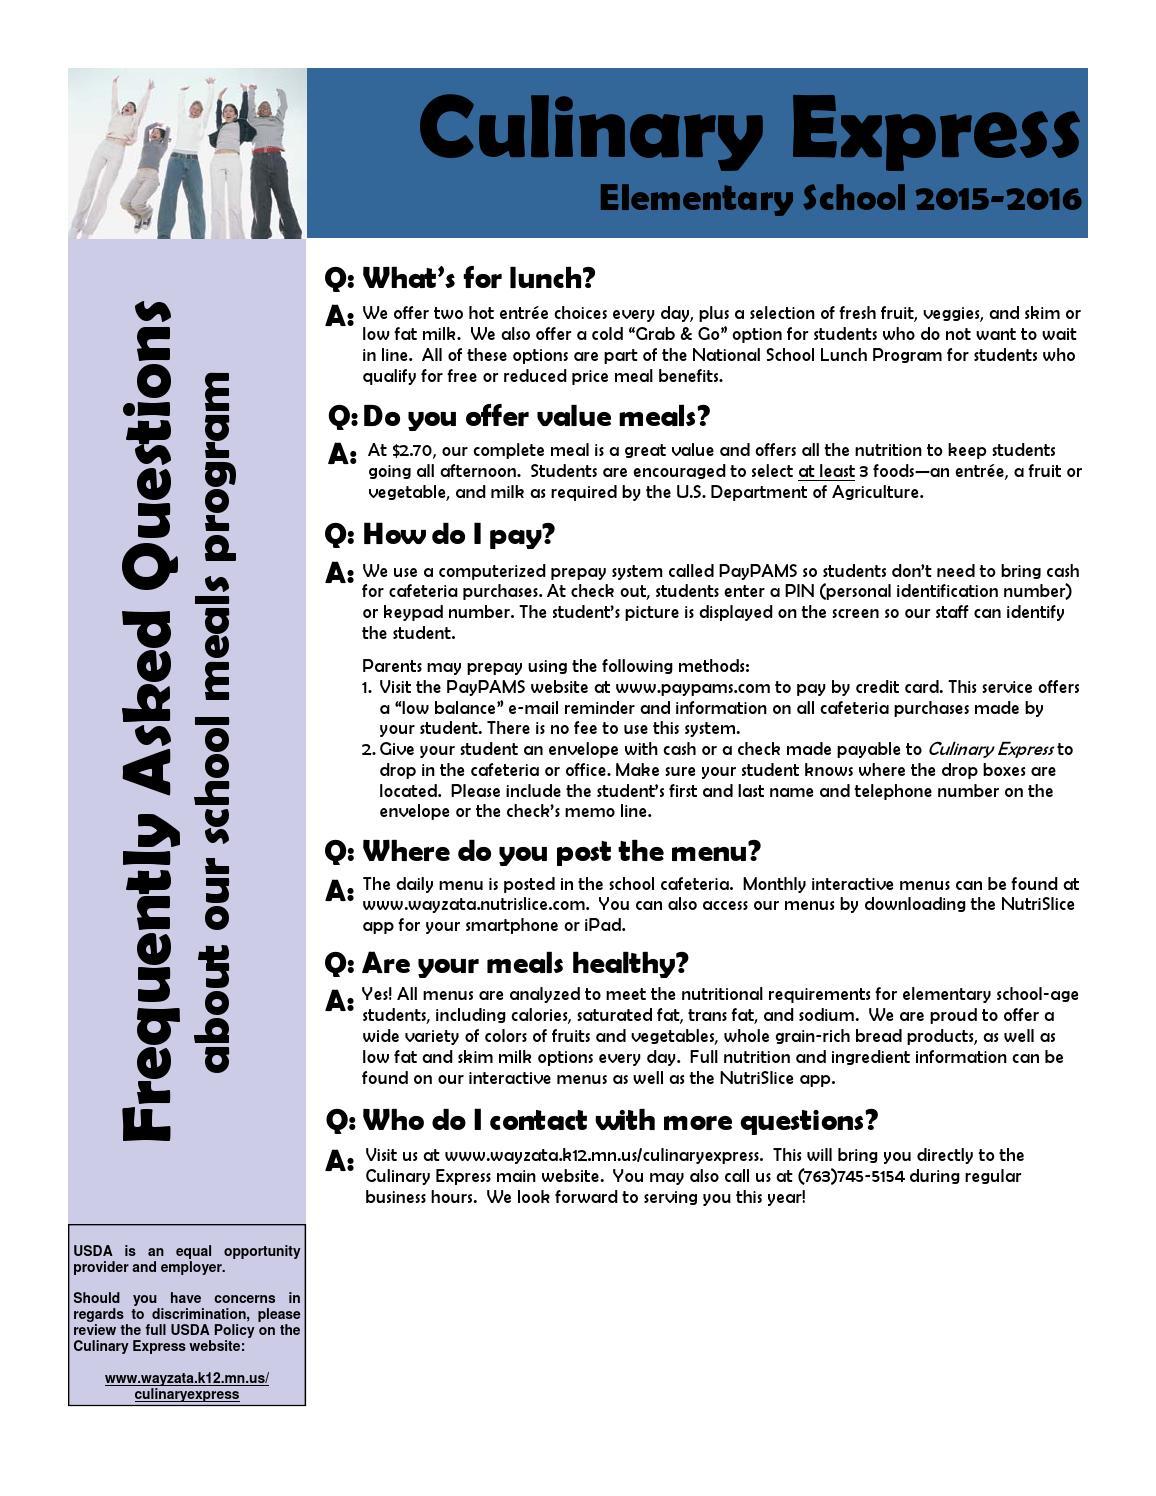 2ba9b39752e Elementary Culinary Express FAQ by Wayzata Public Schools - issuu